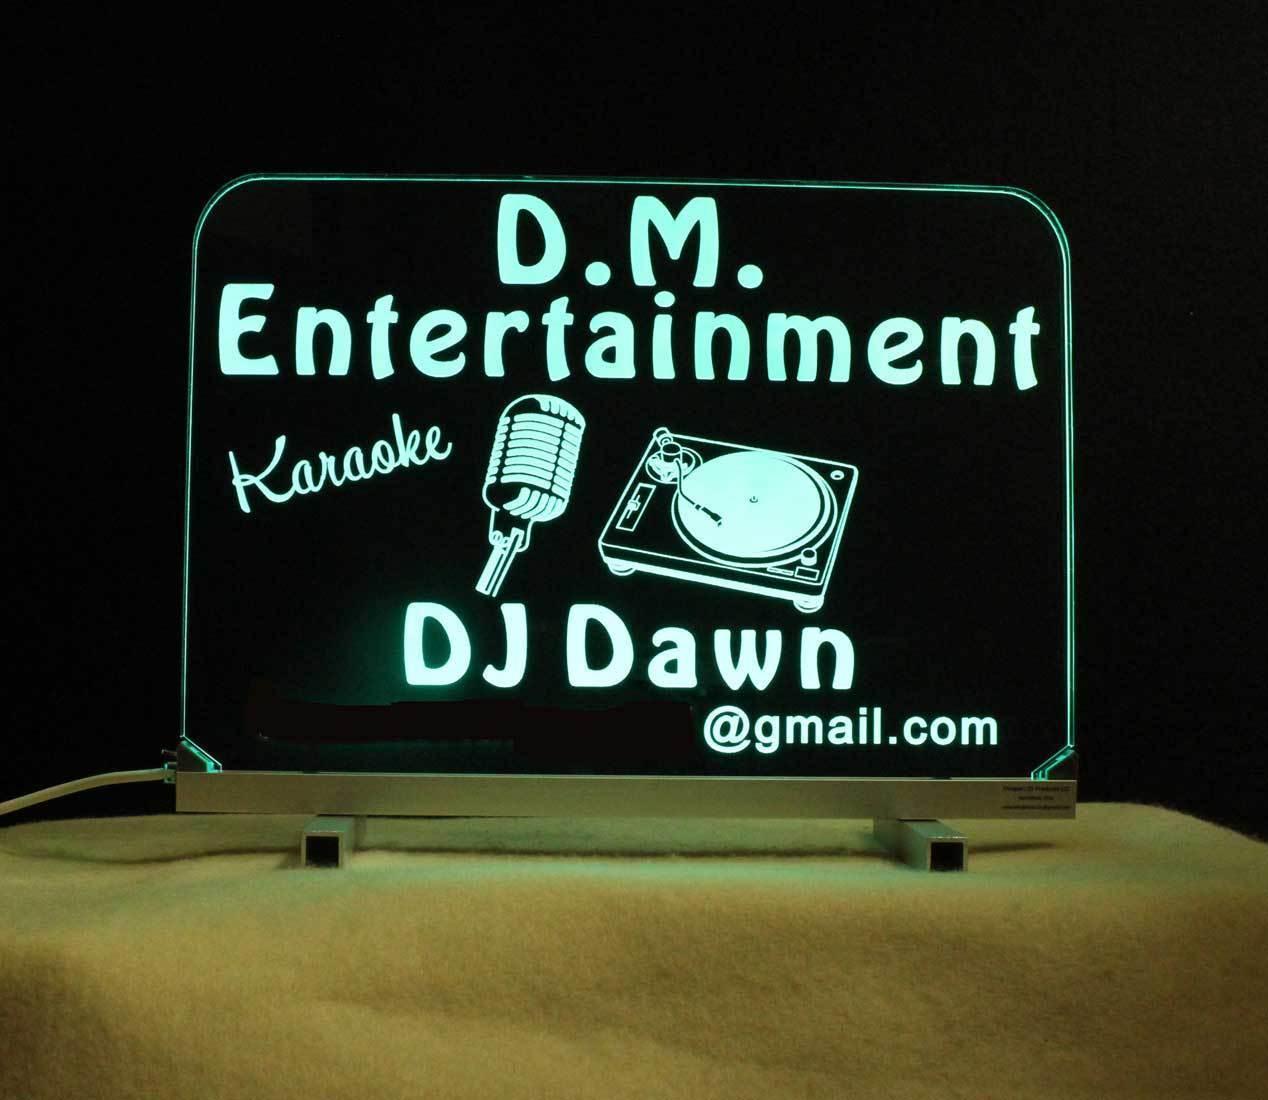 Personalized DJ Karaoke LED Bar Sign  image 5